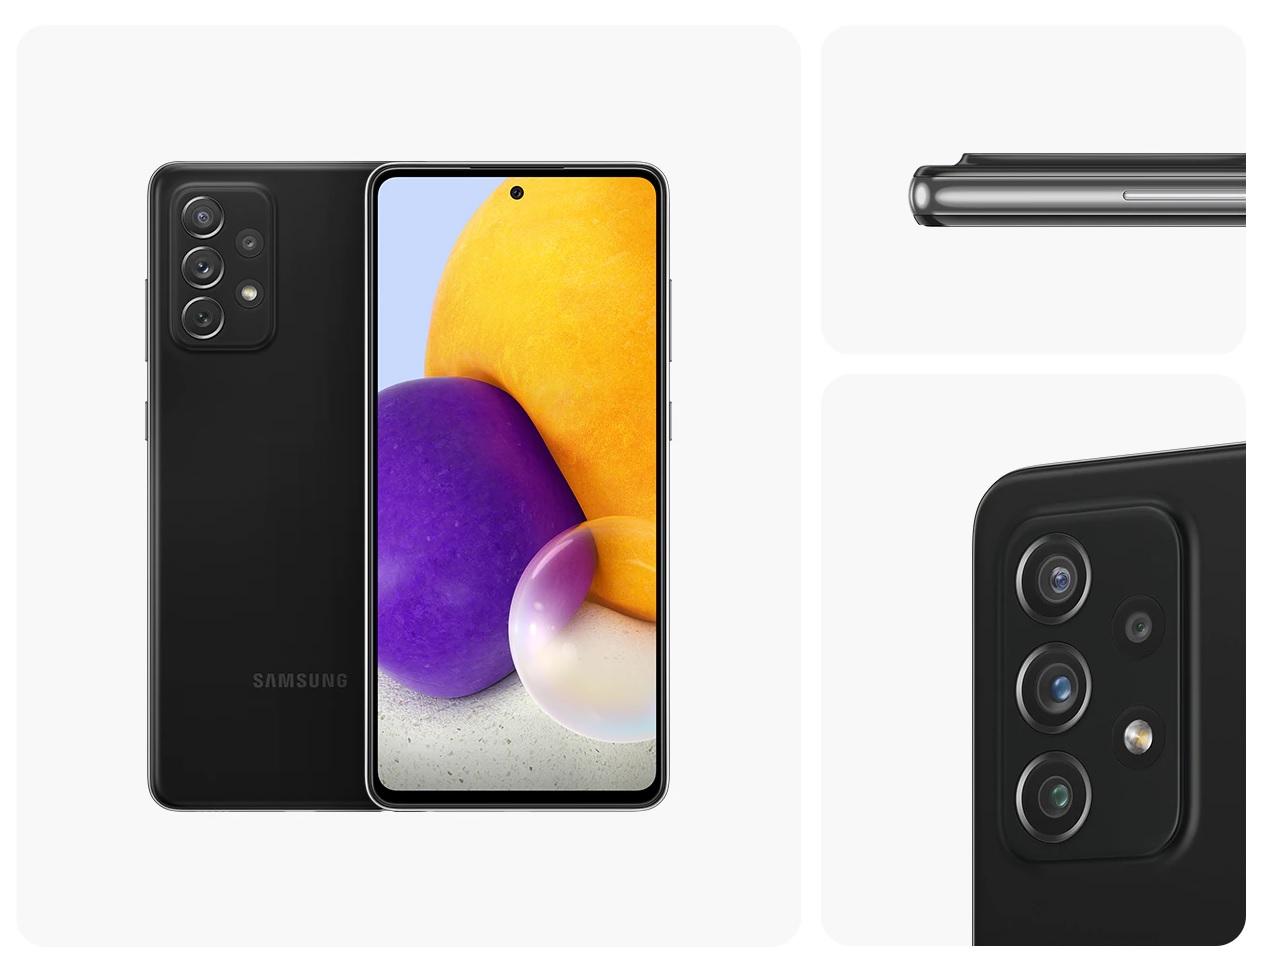 Samsung A72: Precio, Características y Análisis